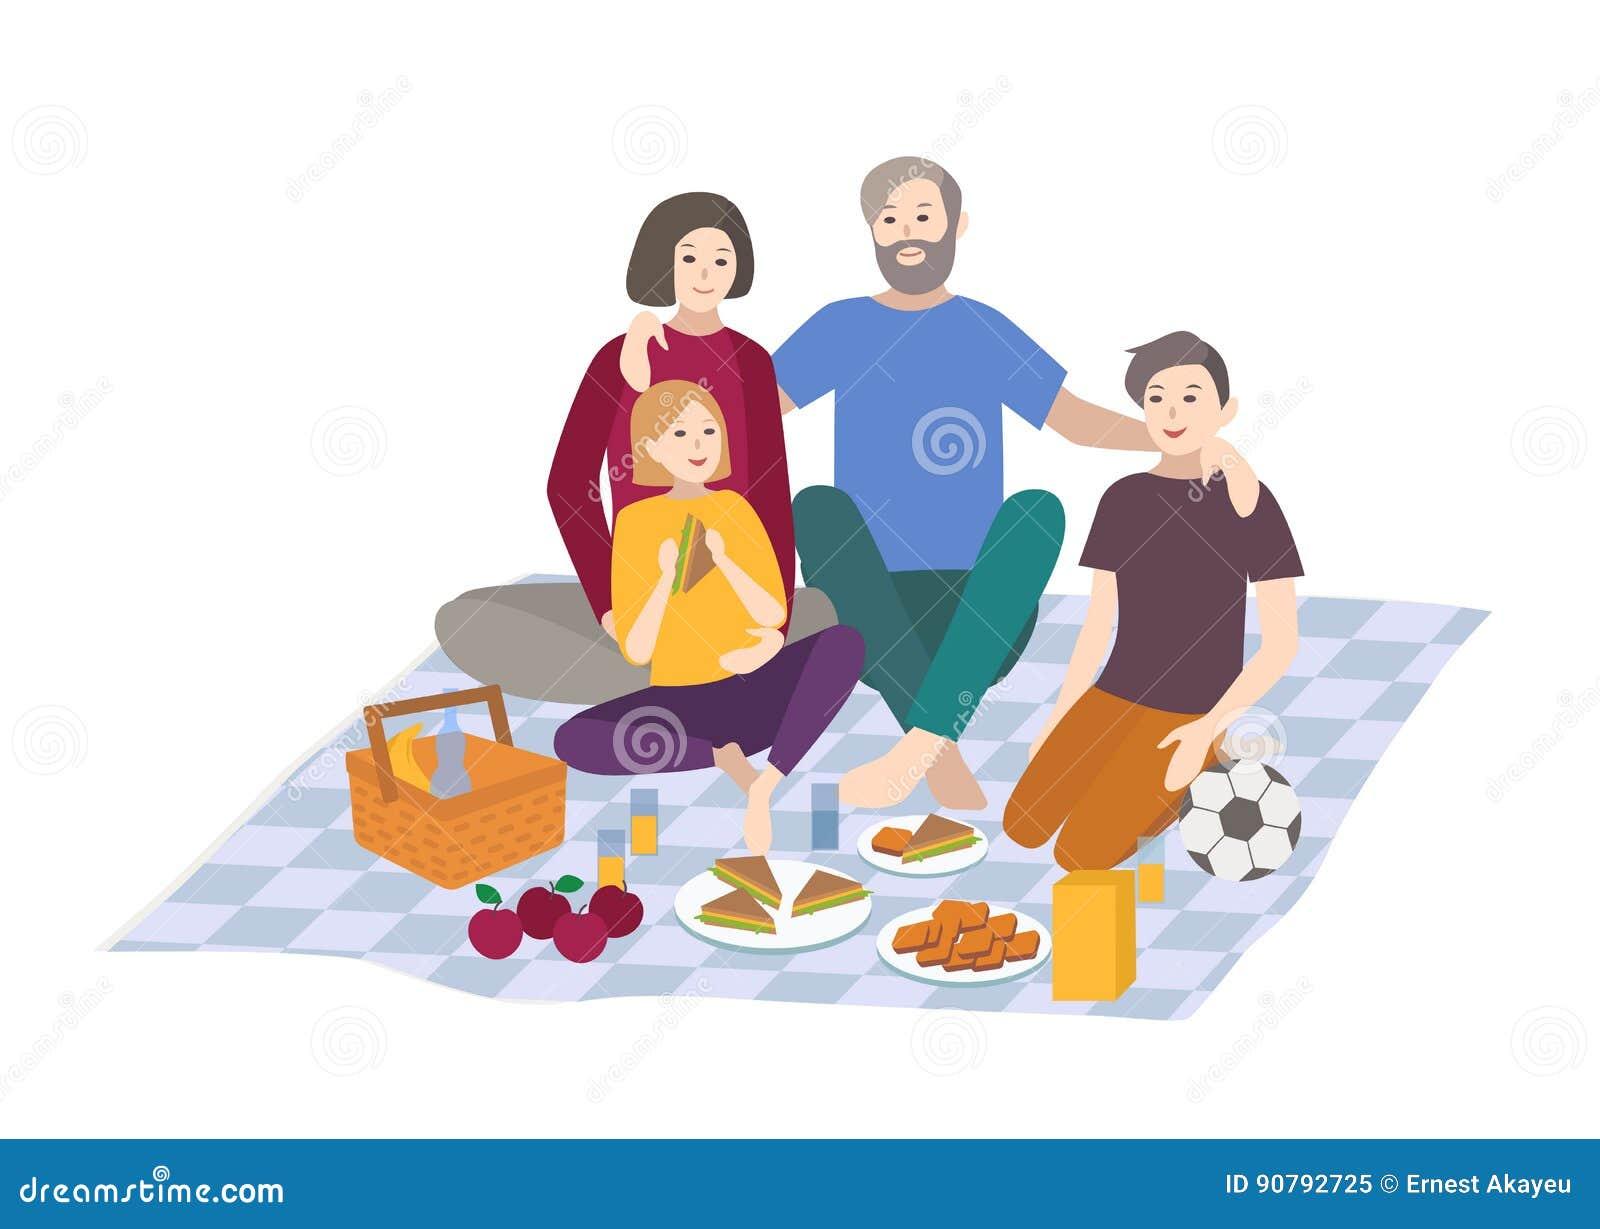 Pique-nique, illustration de vecteur La famille avec des enfants ensemble, extérieur détendent scène de récréation de personnes d